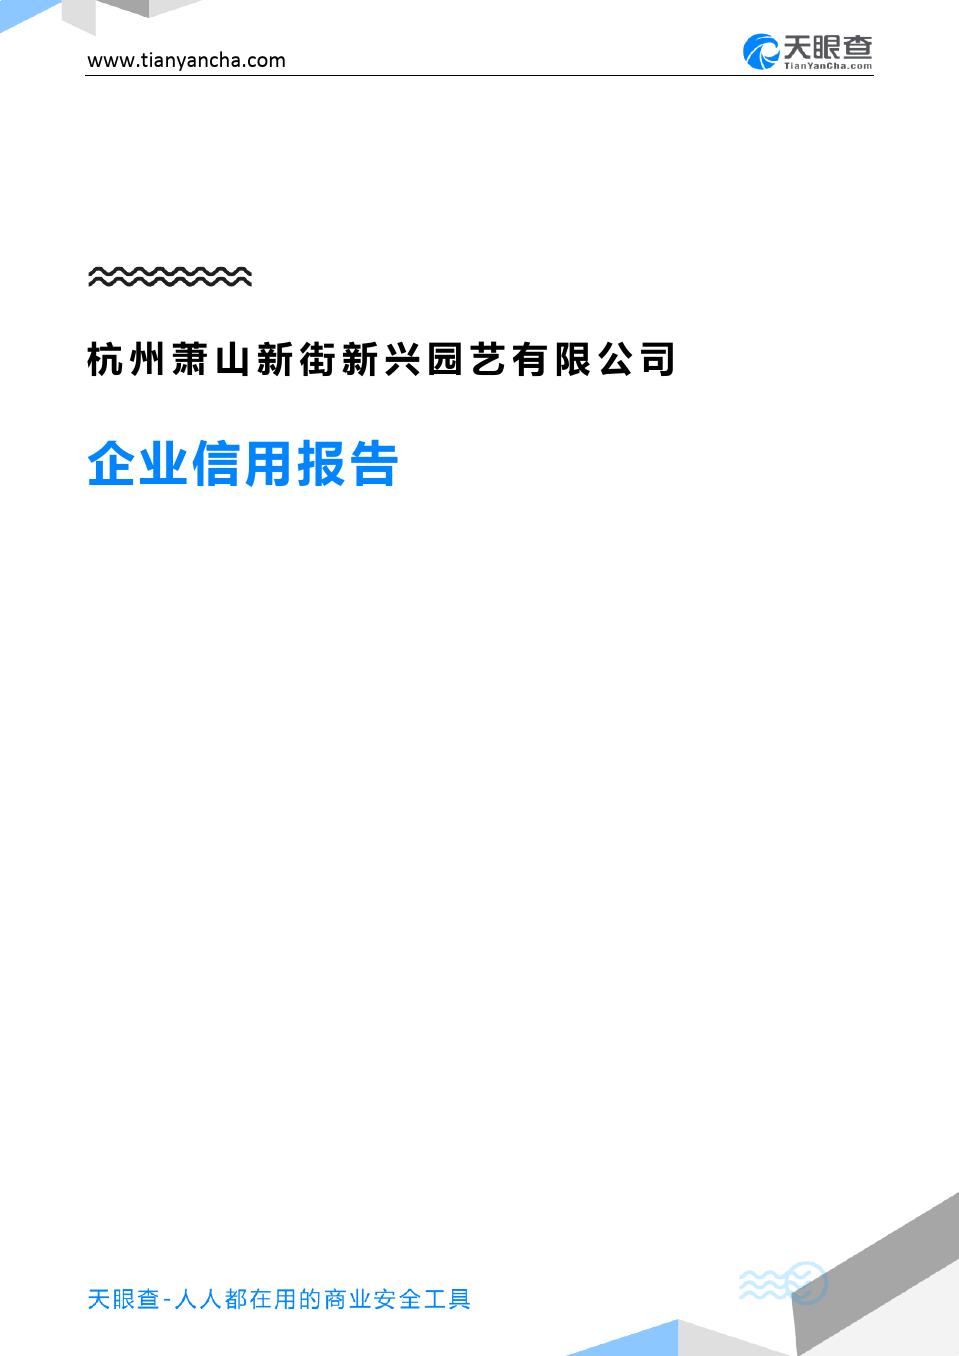 杭州萧山新街新兴园艺有限公司(企业信用报告)- 天眼查